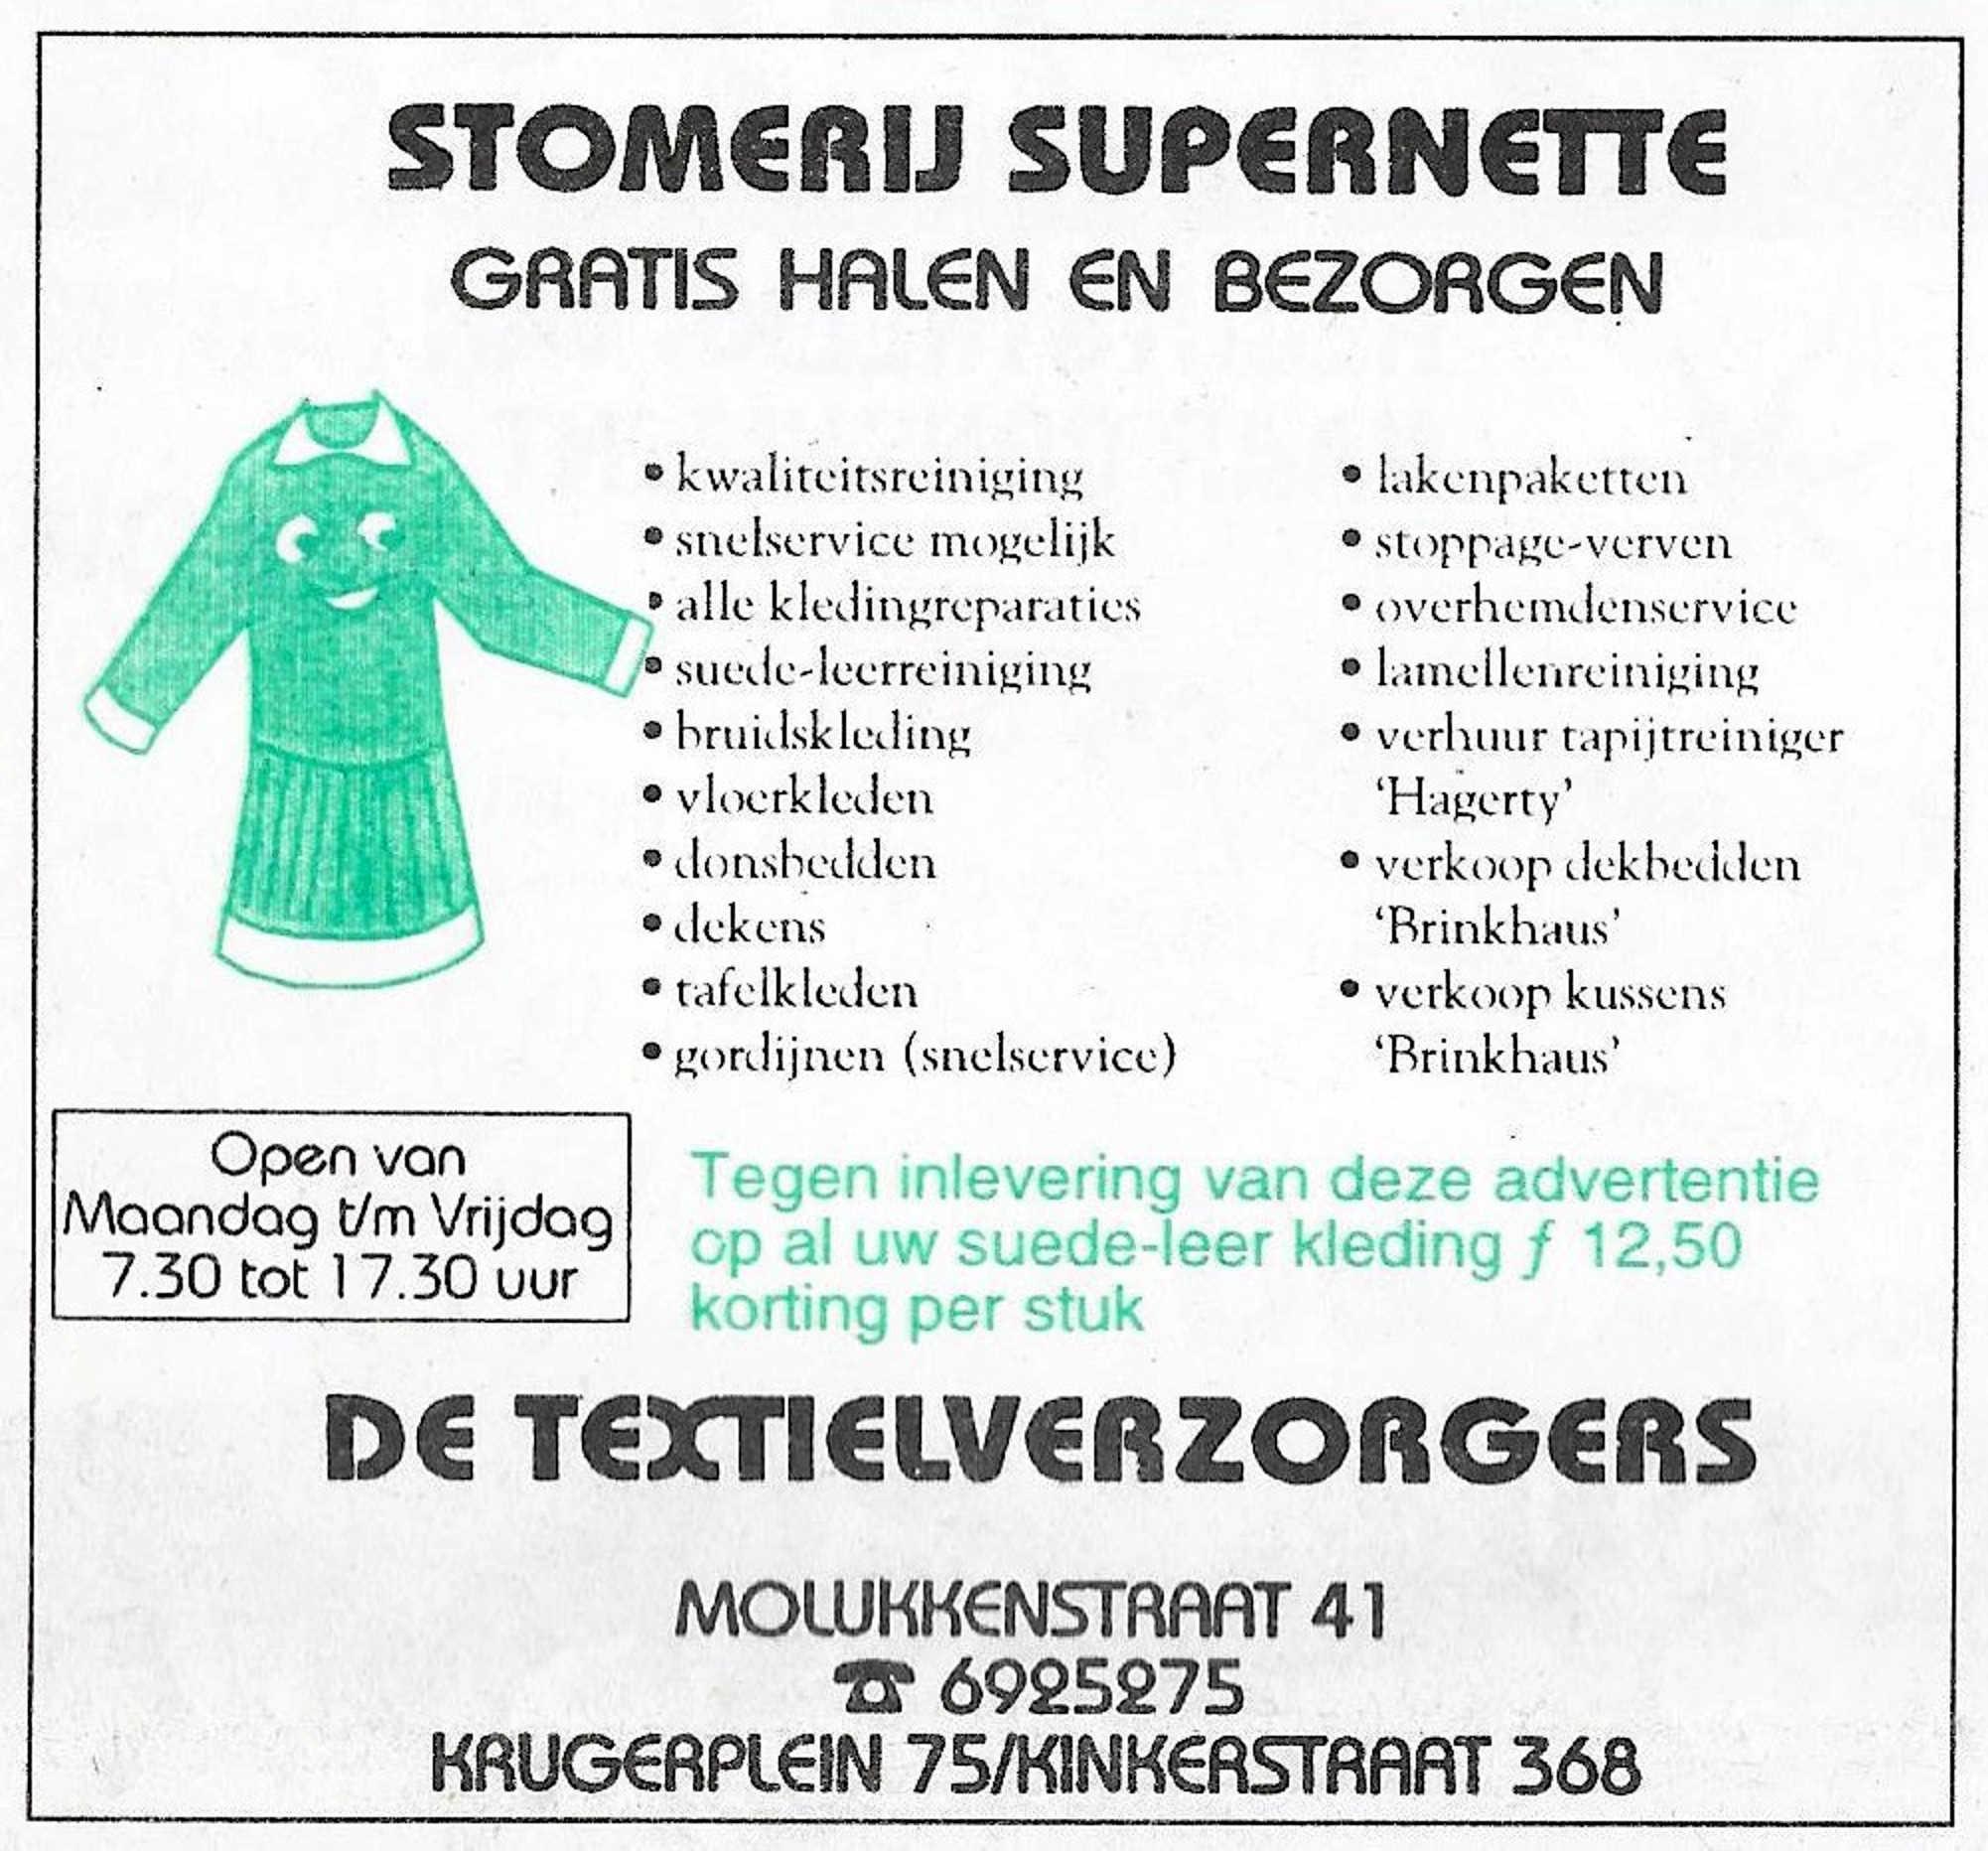 molukkenstraat 41 1995 bron het nieuwe weekblad